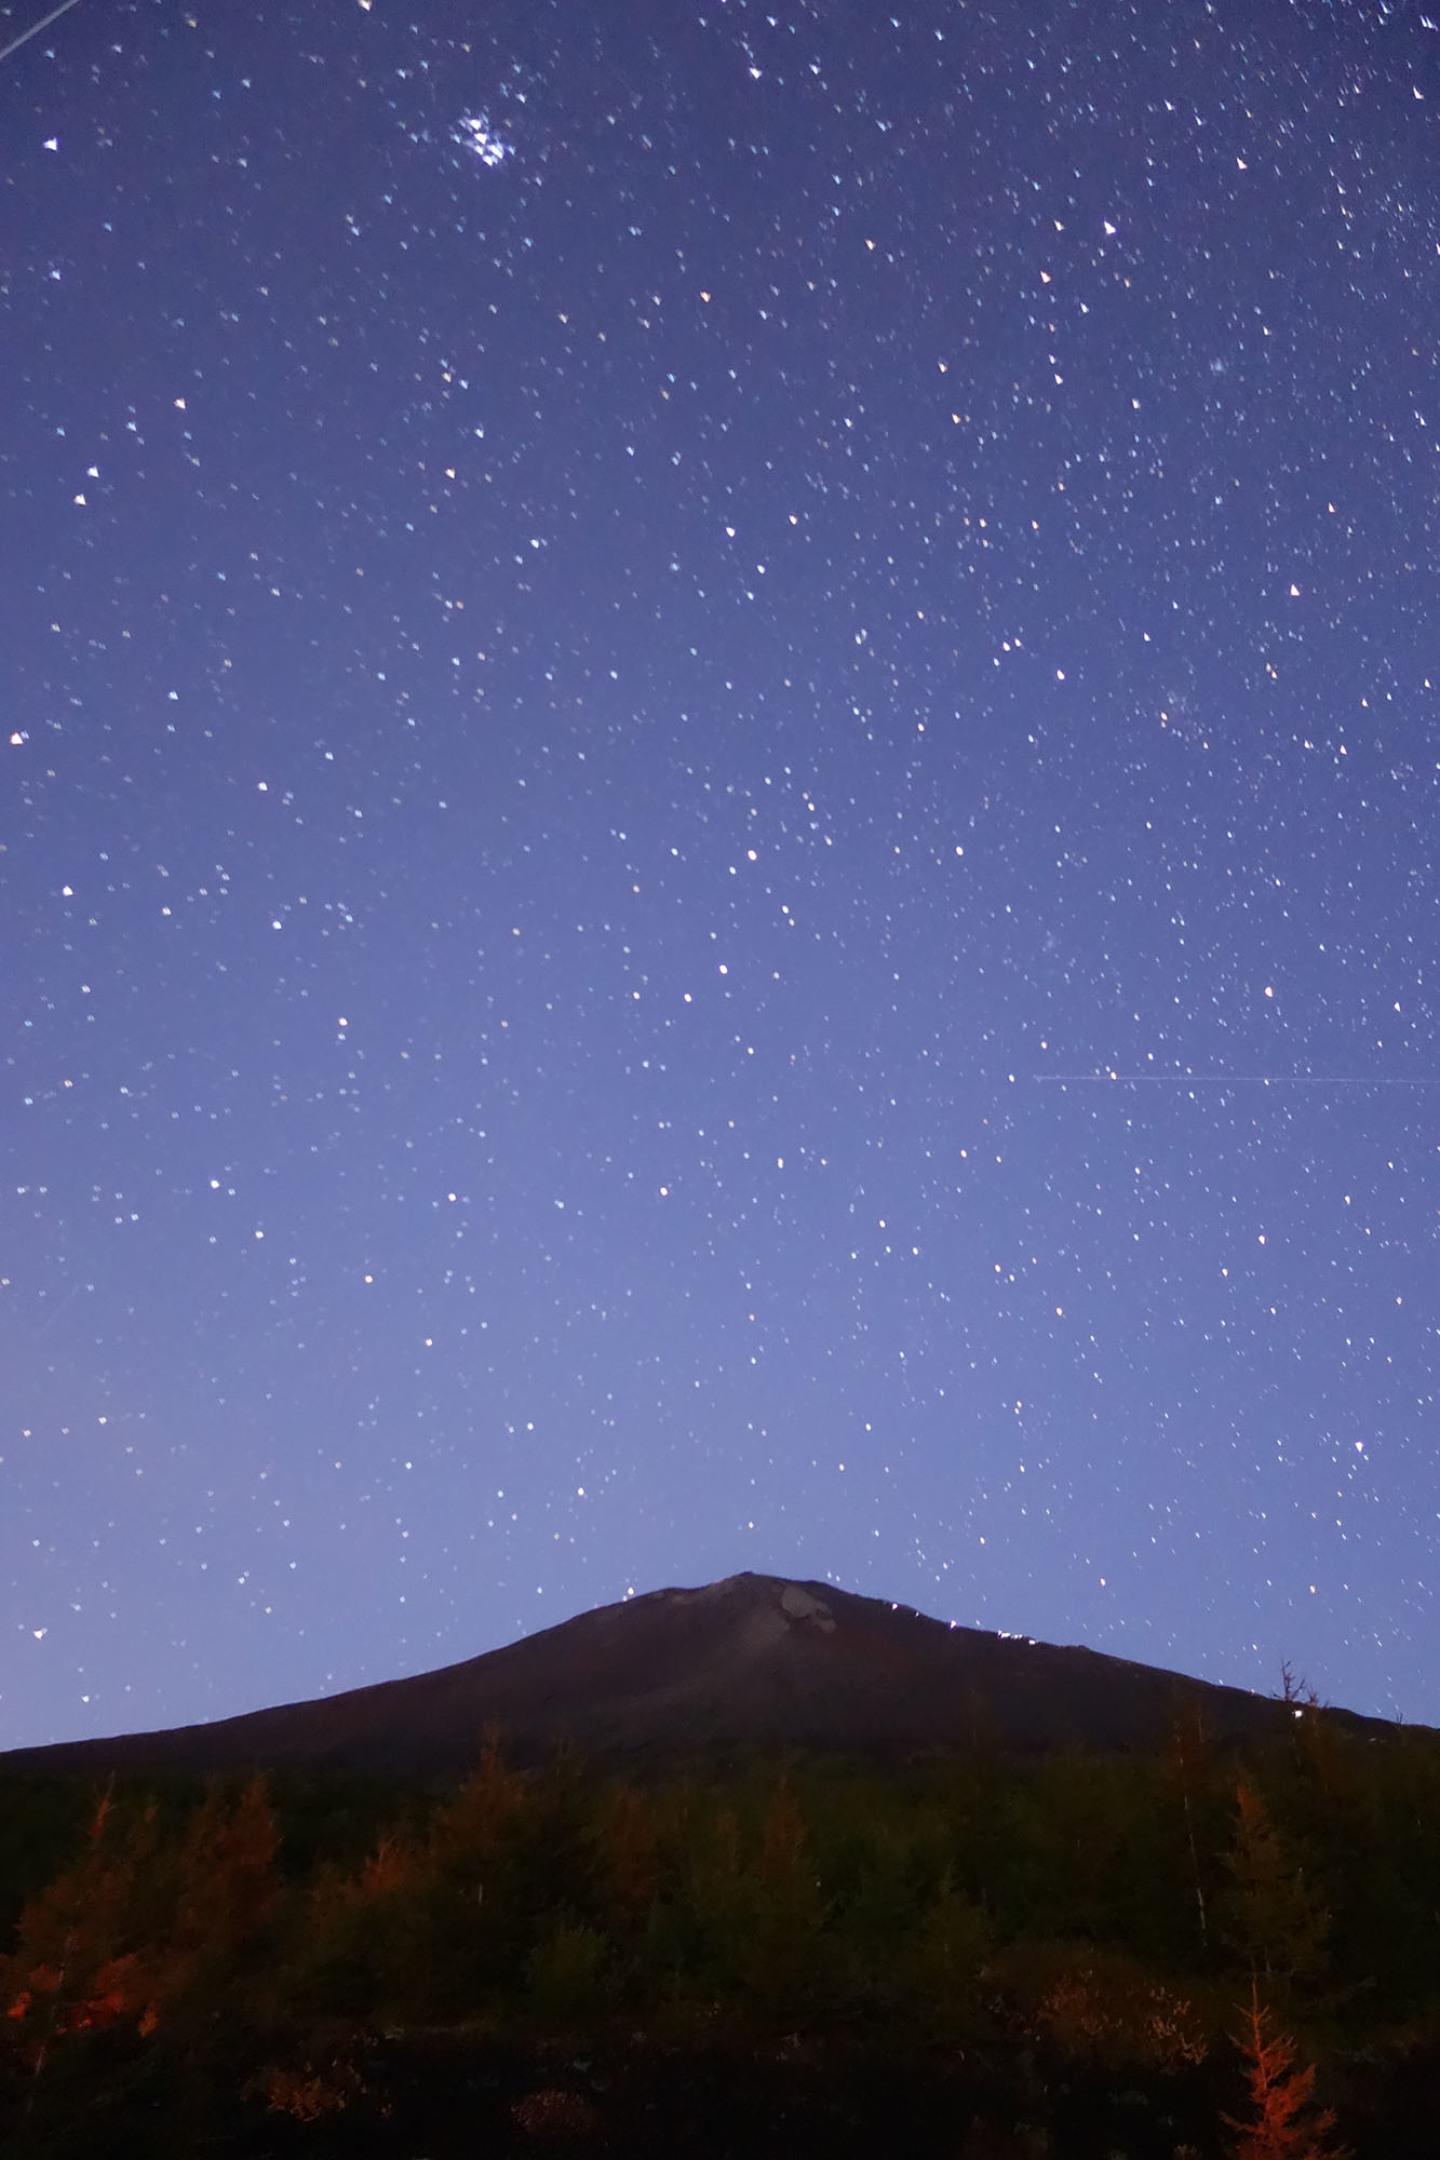 21866: 薄明の富士山と星空 by ...